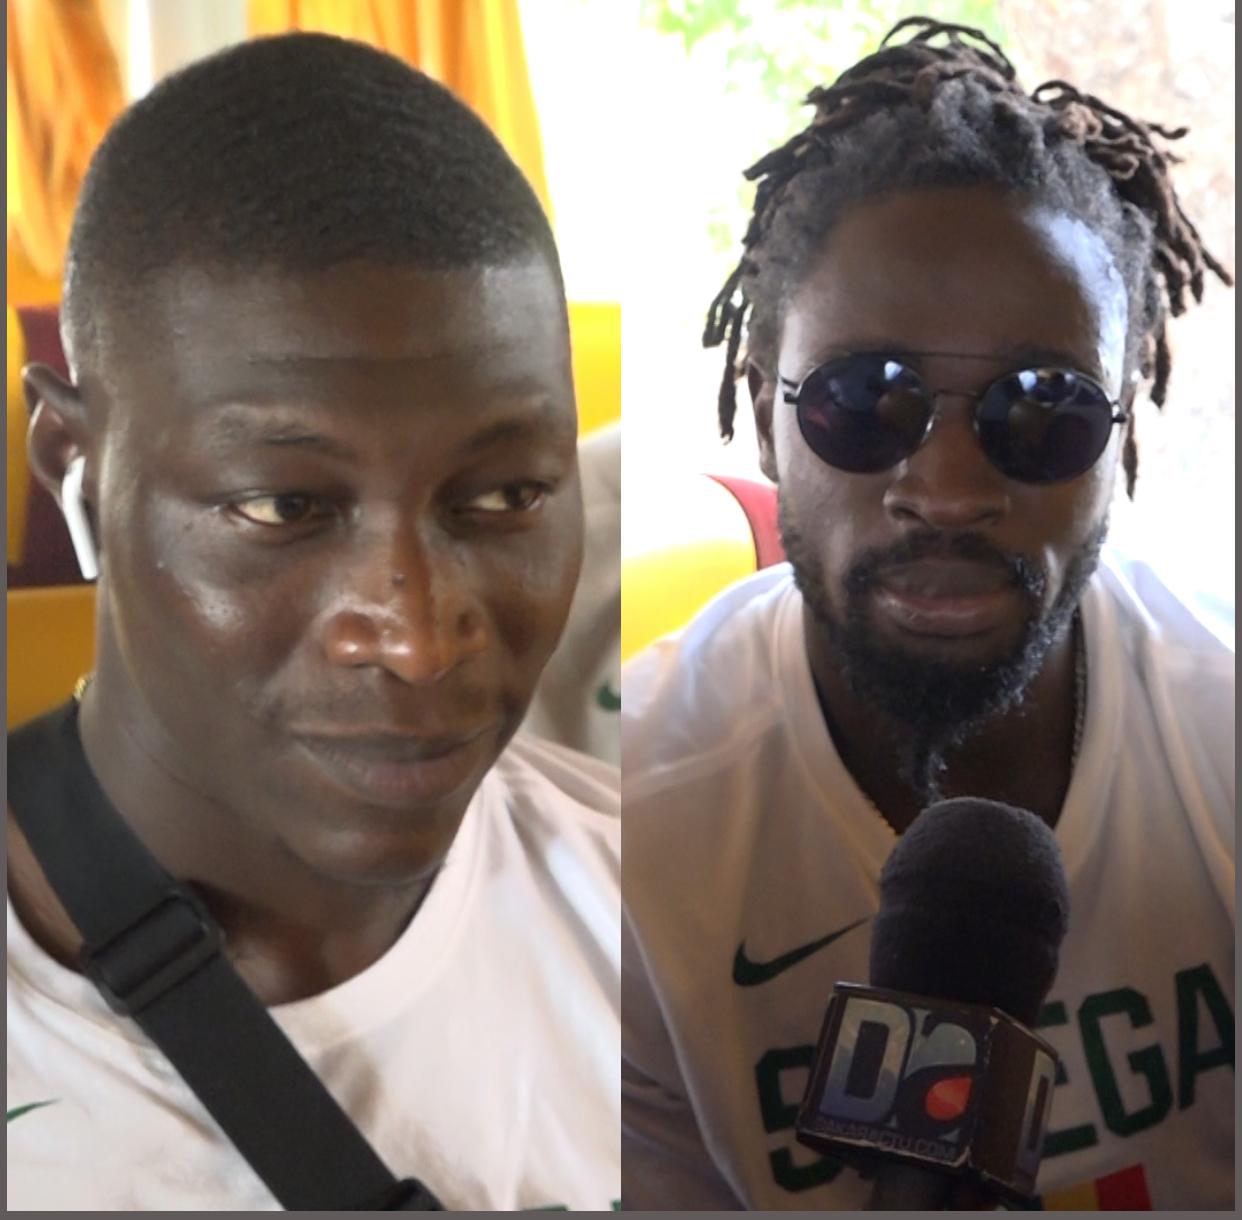 Équipe nationale masculine de basket-ball : Maurice Ndour et Hamady Ndiaye n'ont pas quitté la Tanière, départ pour la Chine vers 18h